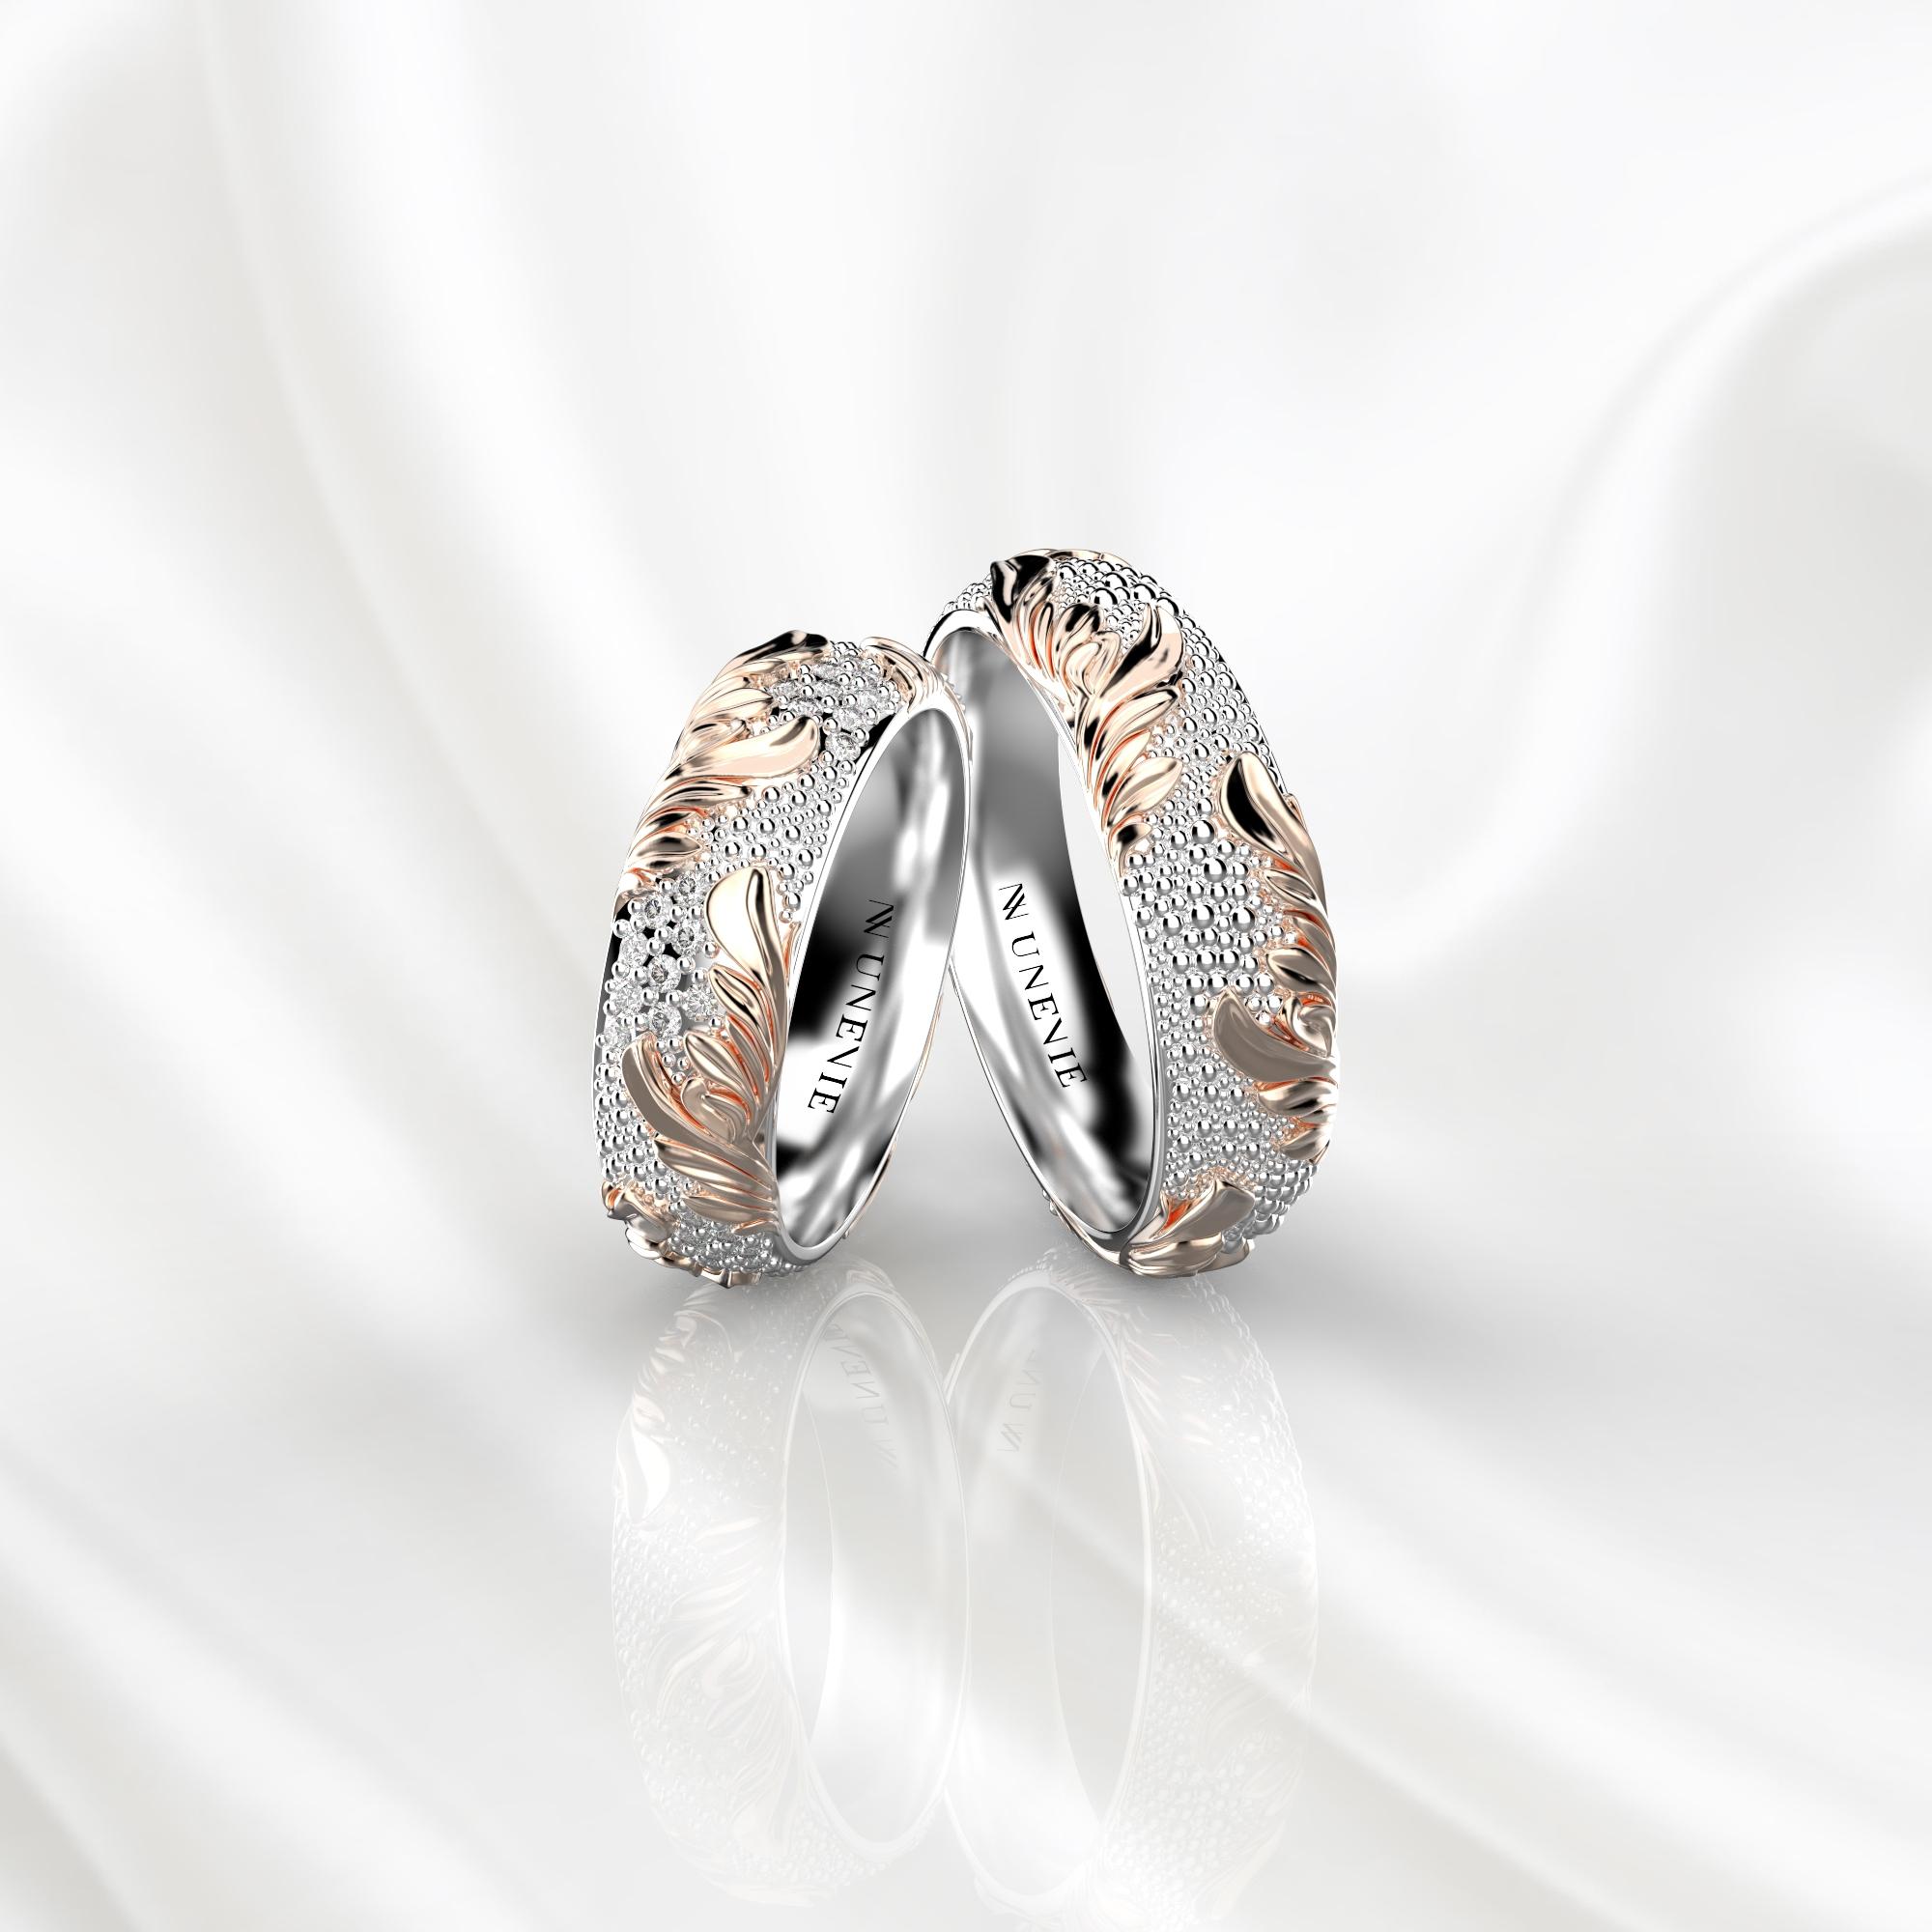 NV81 Парные обручальные кольца из розово-белого золота с бриллиантами